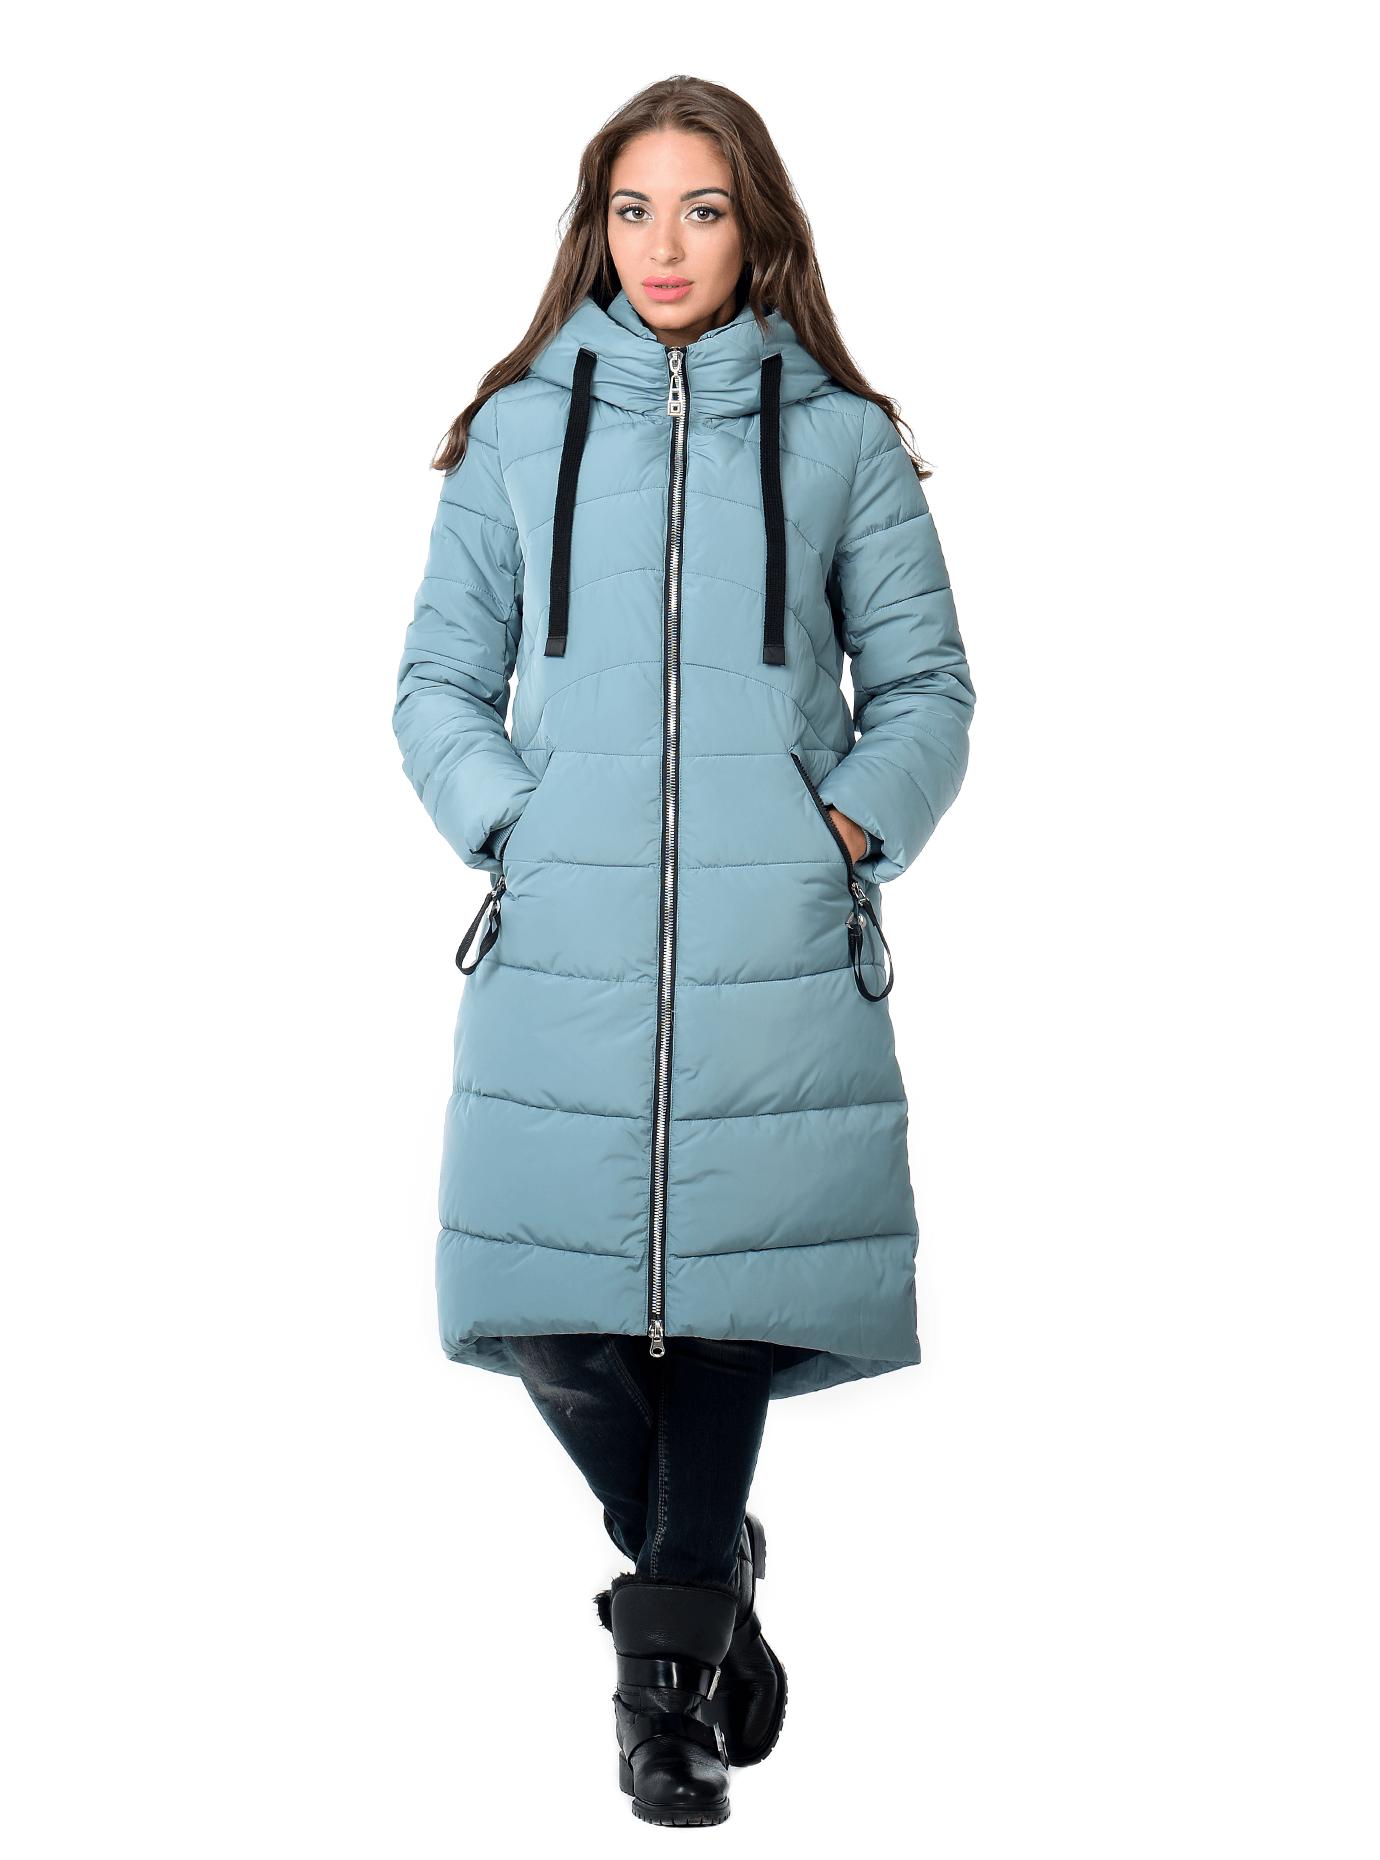 Куртка зимняя длинная с капюшоном Голубой S (02-SO19028): фото - Alster.ua